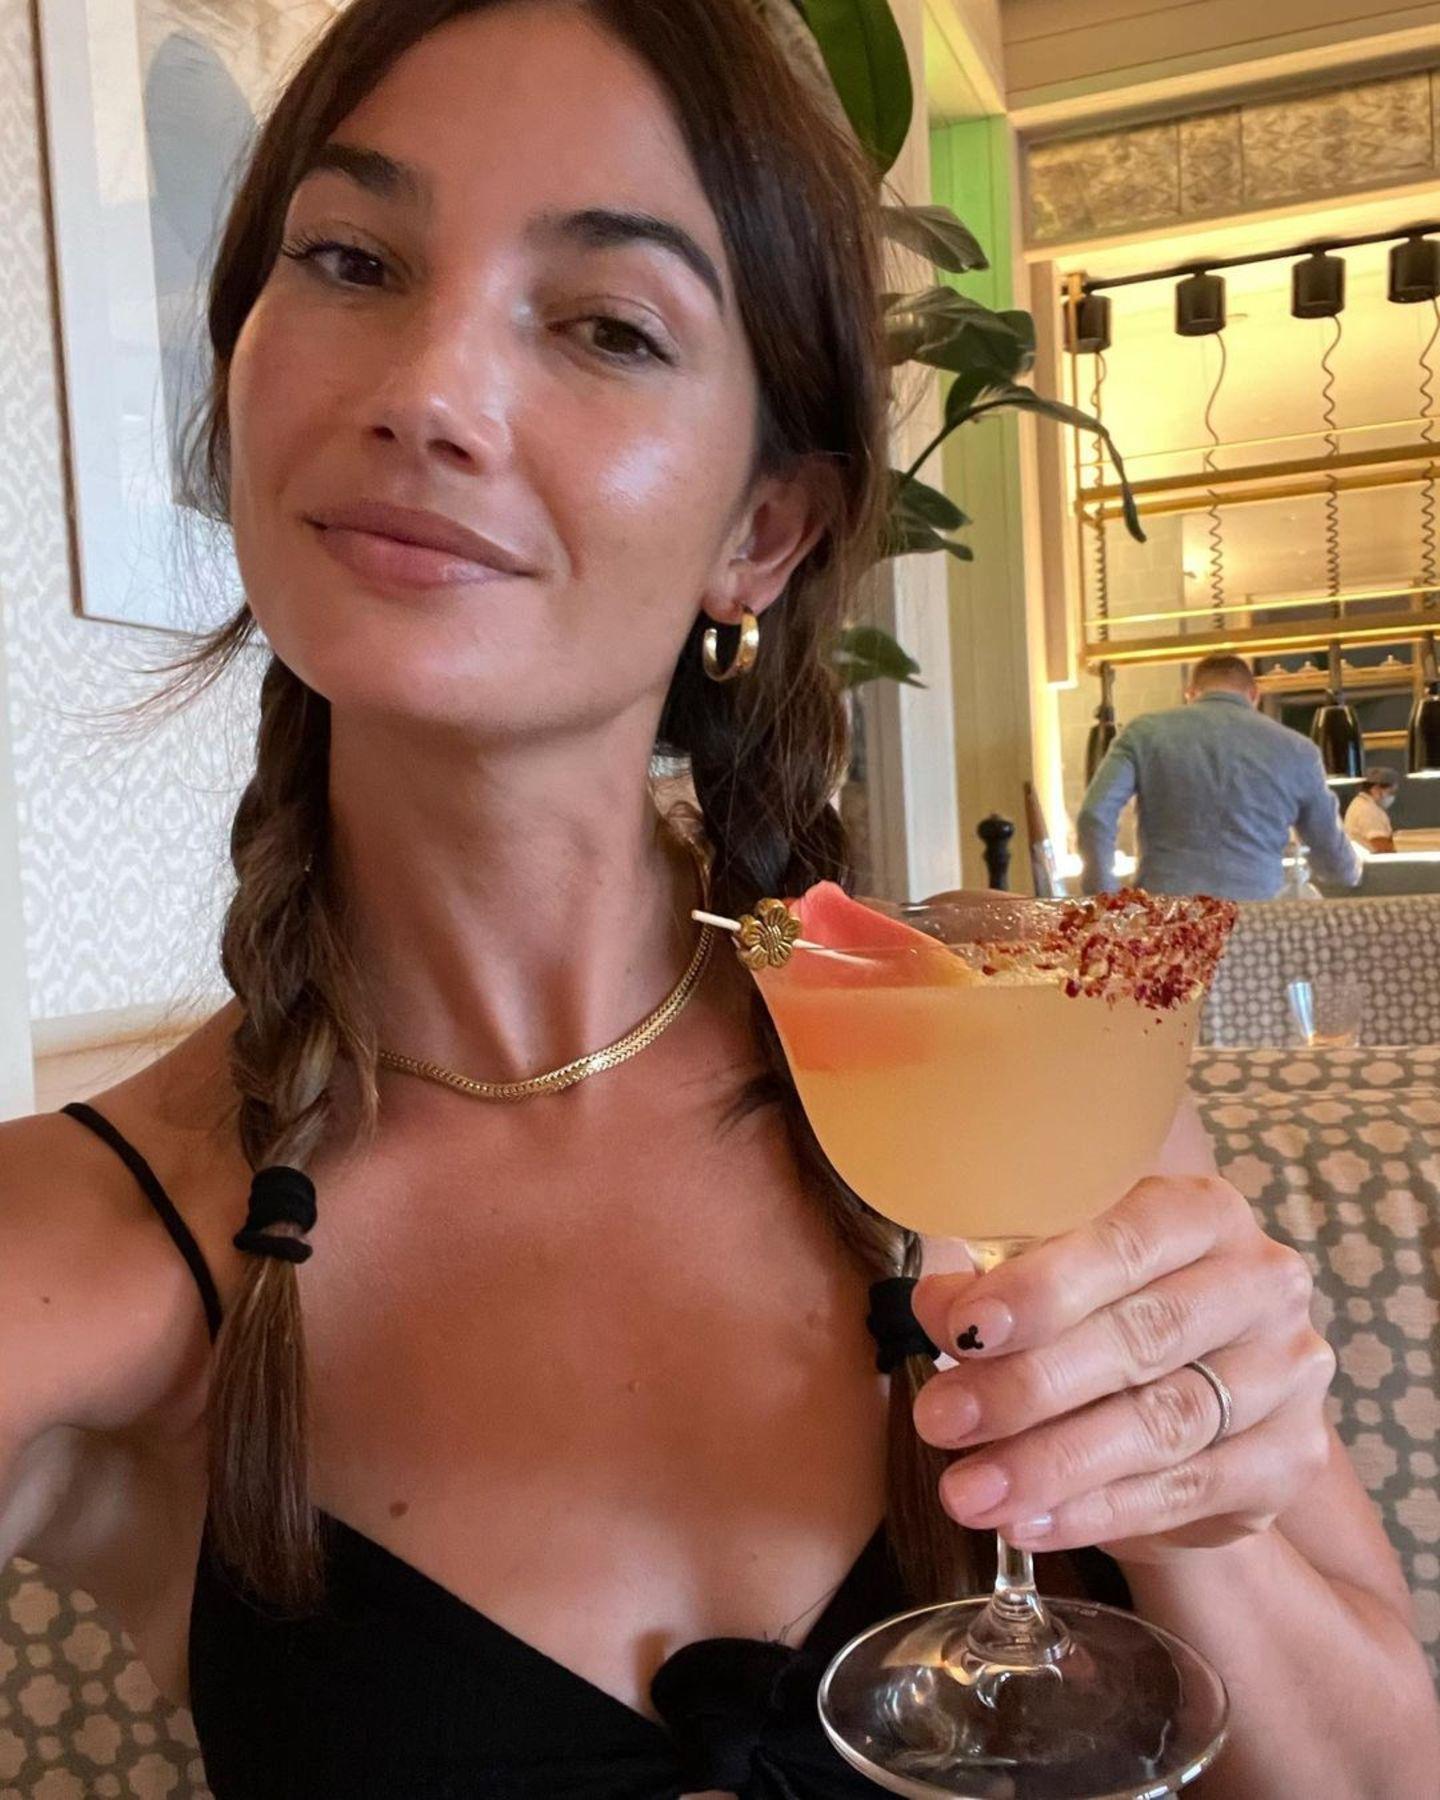 """Prost! Topmodel Lily Aldridge stößtauf den Abend an undgenießt ihren fruchtigen Drink in vollen Zügen. Der ehemalige """"Victoria's Secret""""-Engel freut sich auf ein Konzert der BandKings of Leon und vor allem auf Frontmann und EhemannCaleb Followill. Das kann doch nur ein schöner Abend werden!"""